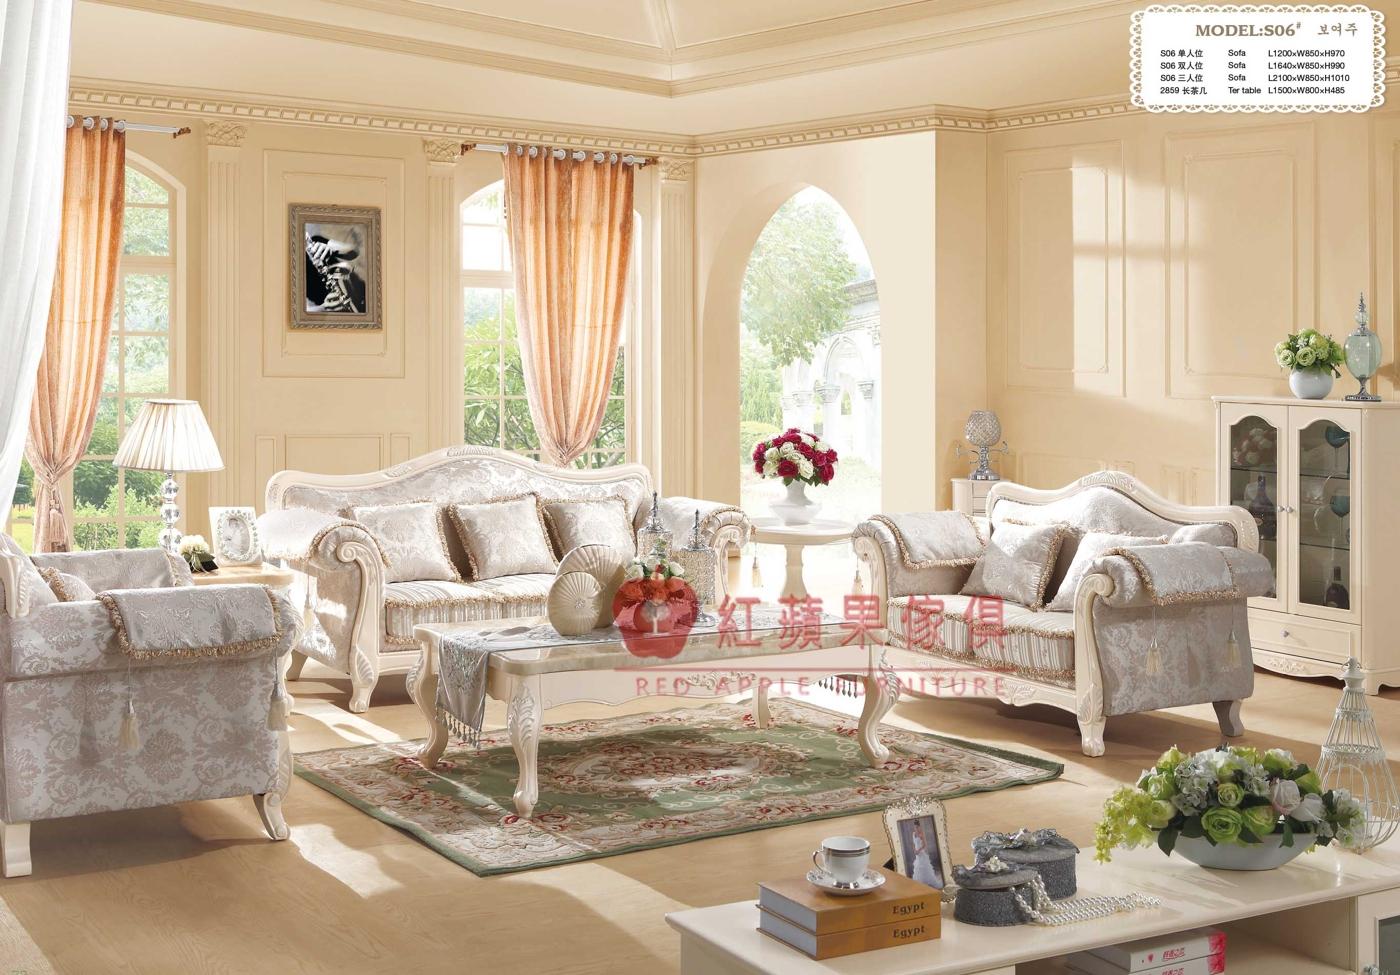 紅蘋果傢俱S06韓式系列法式英式簡約優雅沙發組布沙發造型沙發沙發椅大理石茶几